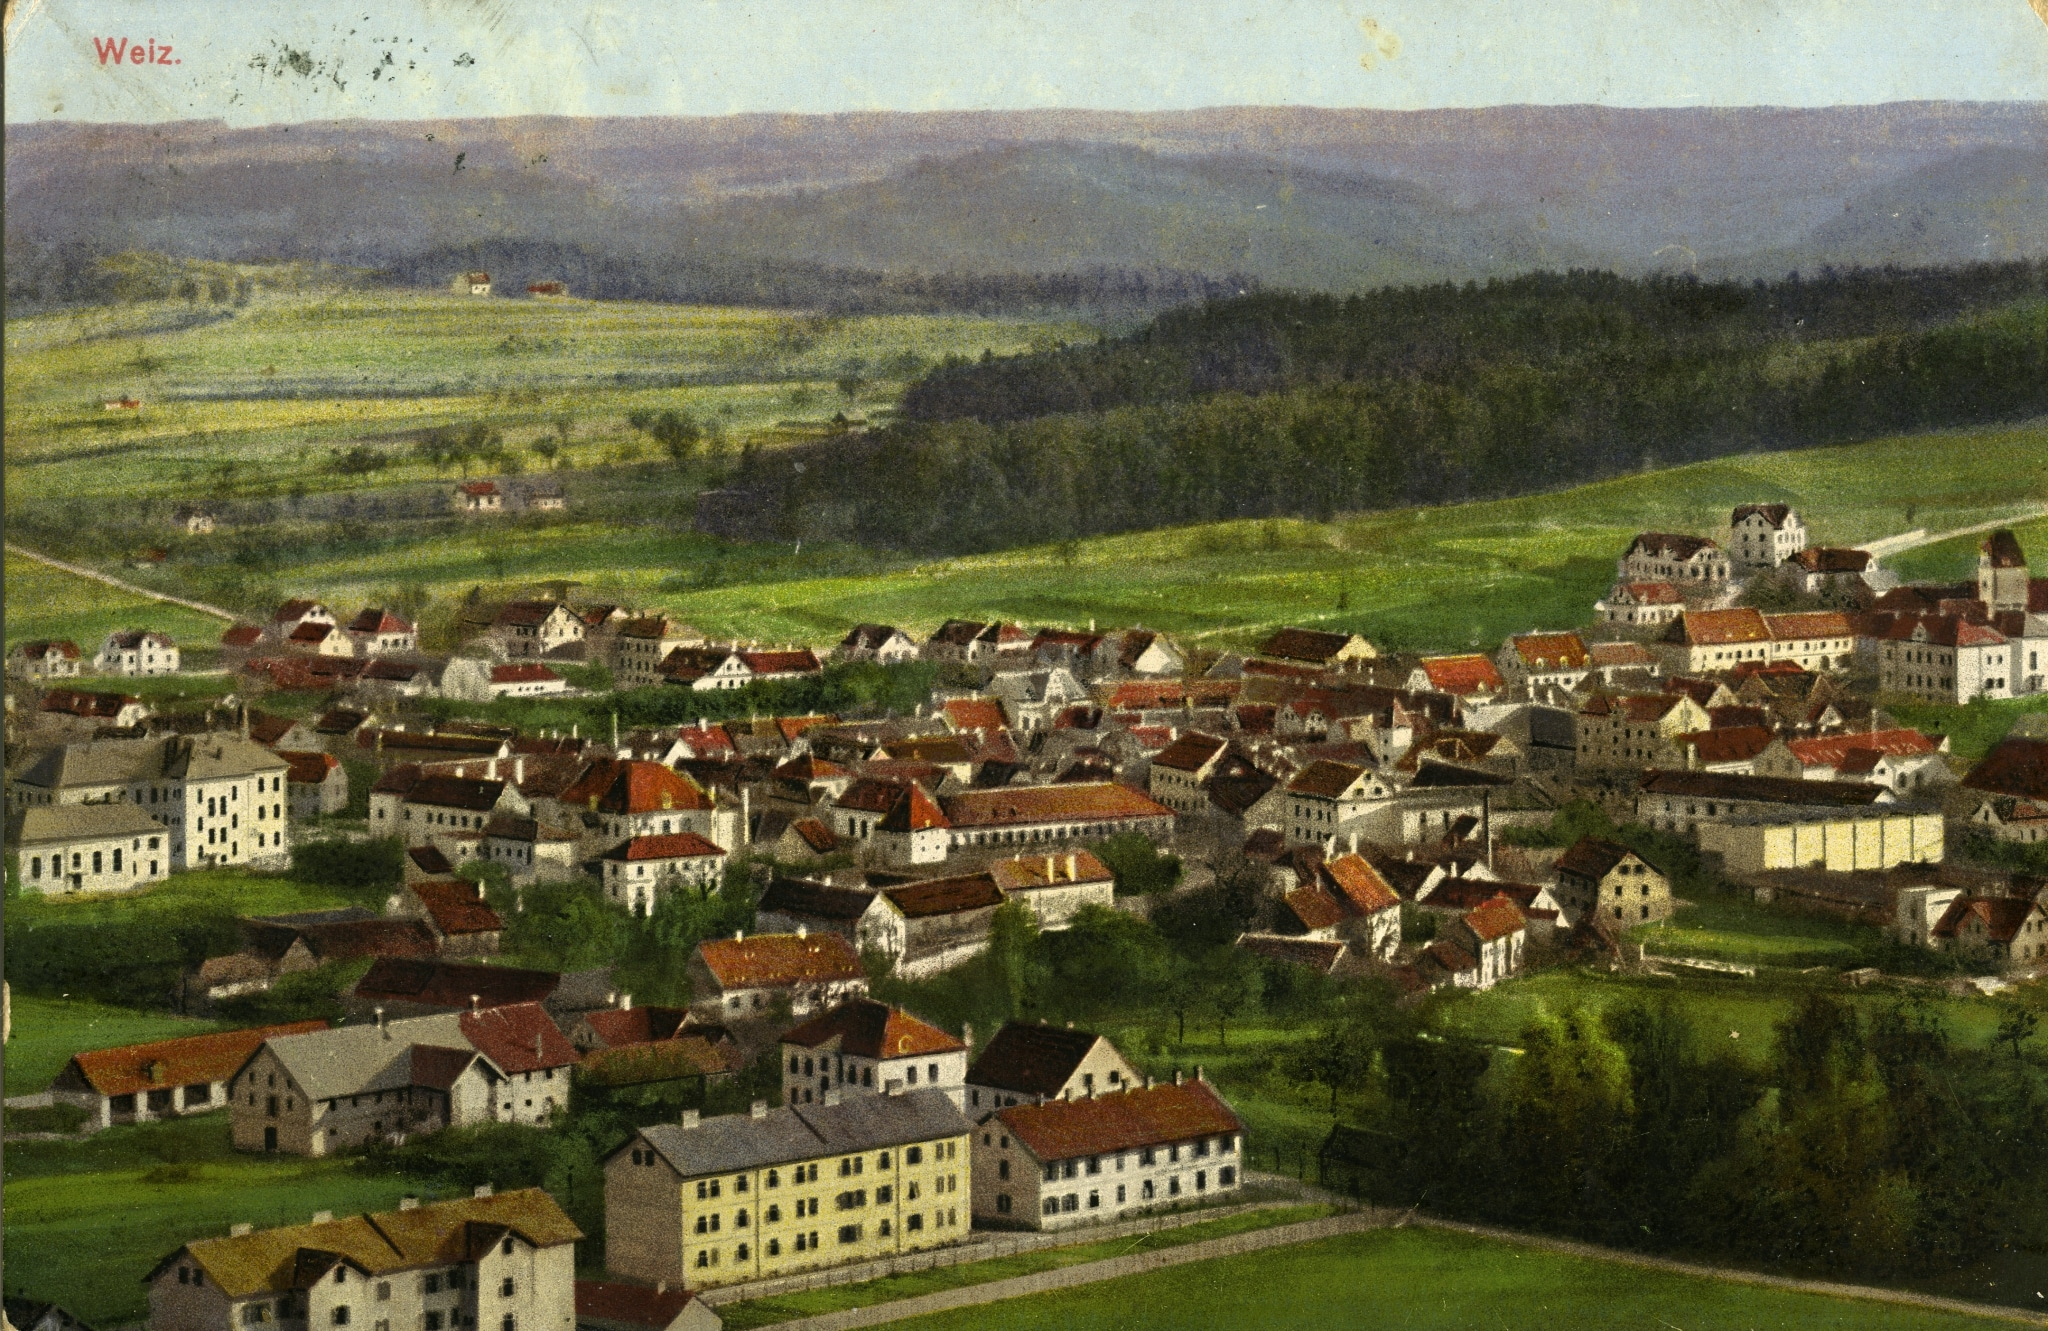 Weiz Verlag Ernst Dellefant 1915 Sammlung Museumsverein Weiz 2014